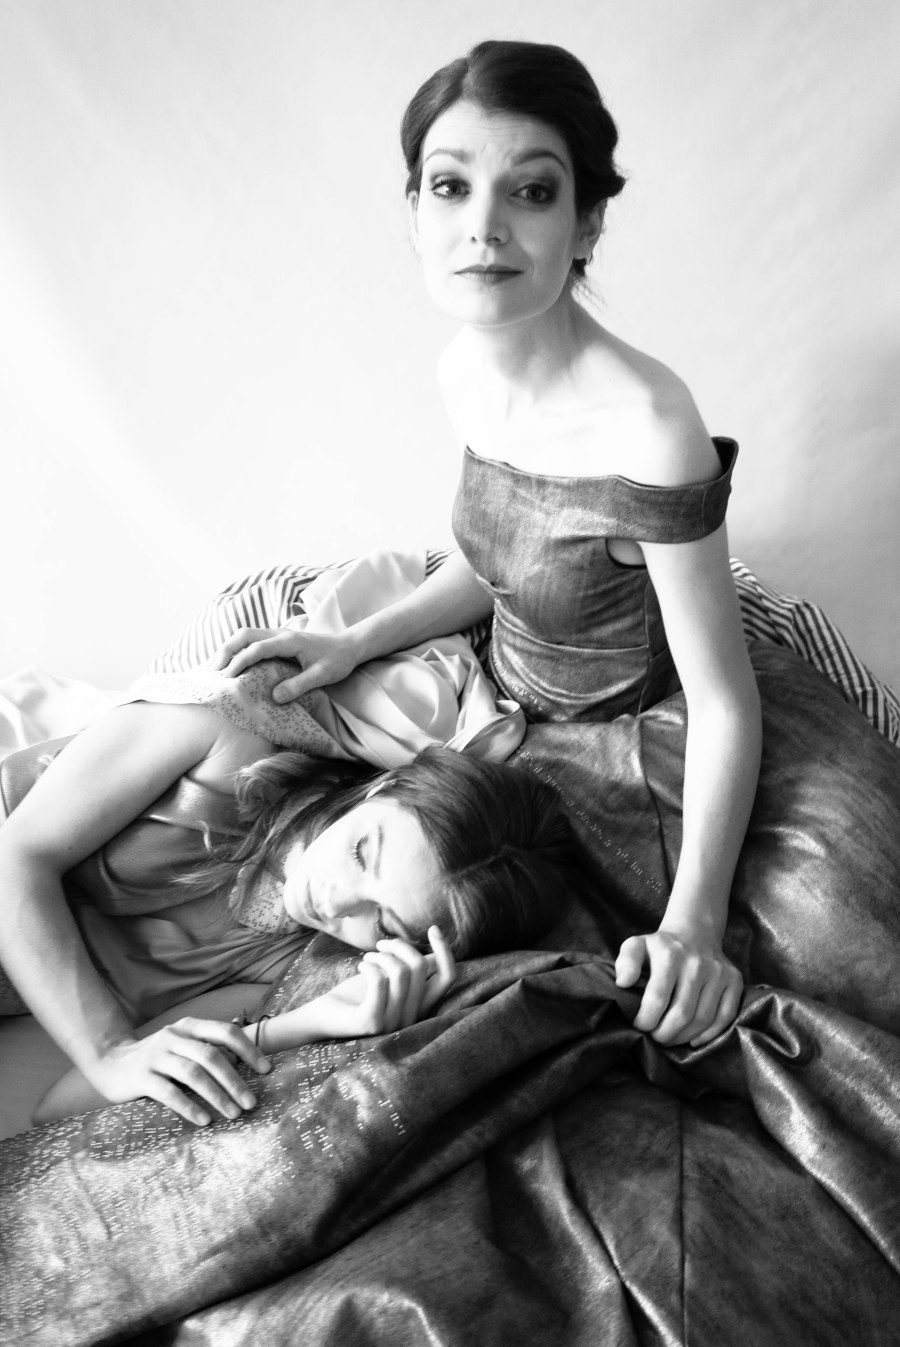 Eine junge, lanhaarige Frau liegt mit dem Kopf im Schoß einer jungen, kurzhaarigen Frau in einem trägerlosen Kleid. Schwarz-Weiß